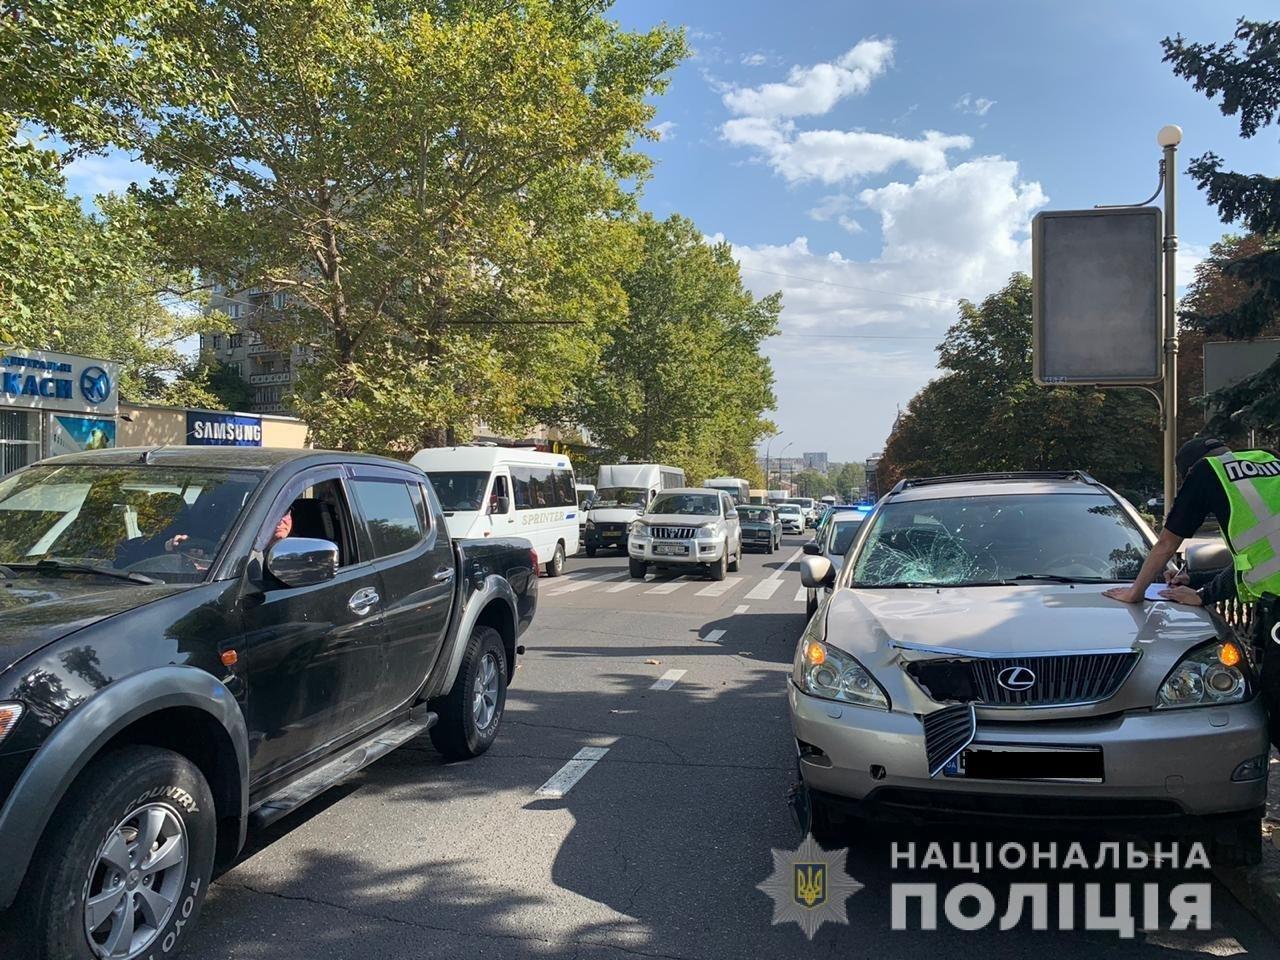 В Николаеве ищут очевидцев ДТП, в котором пострадали двое человек, - ФОТО, фото-1